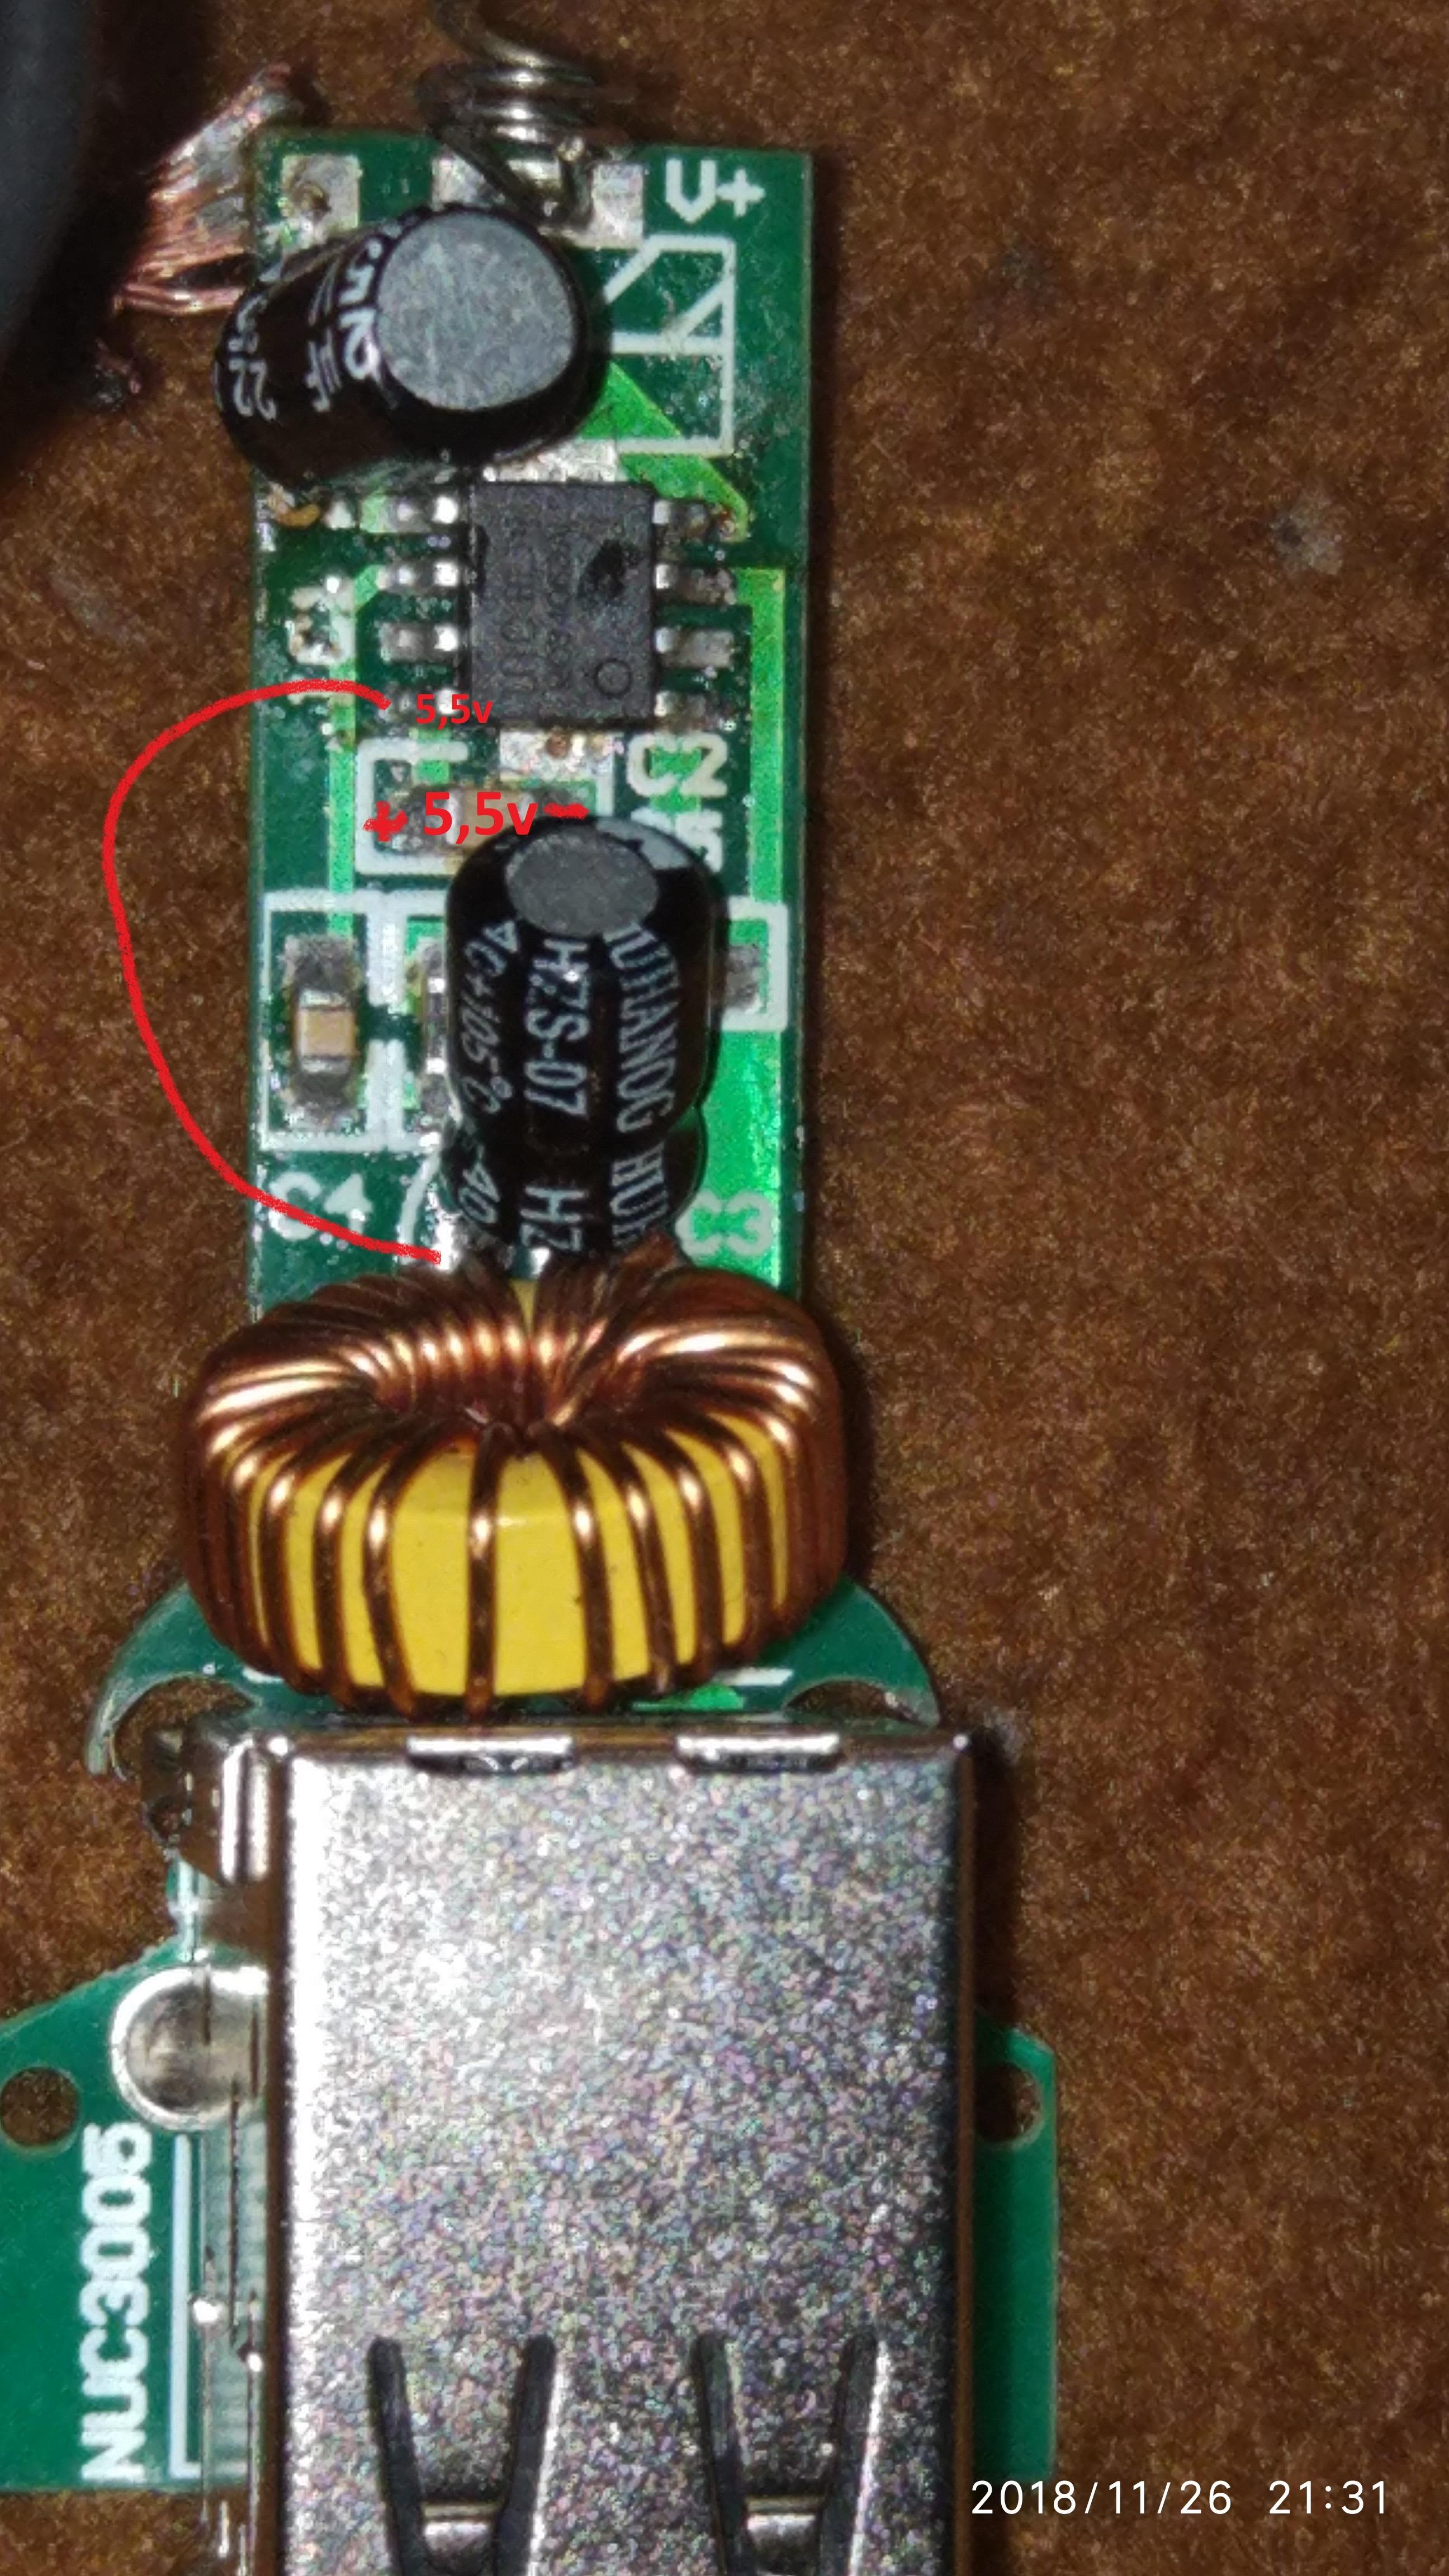 Rozwiązano] Lampa UV AP 111 Spalony układ rozpoznanie